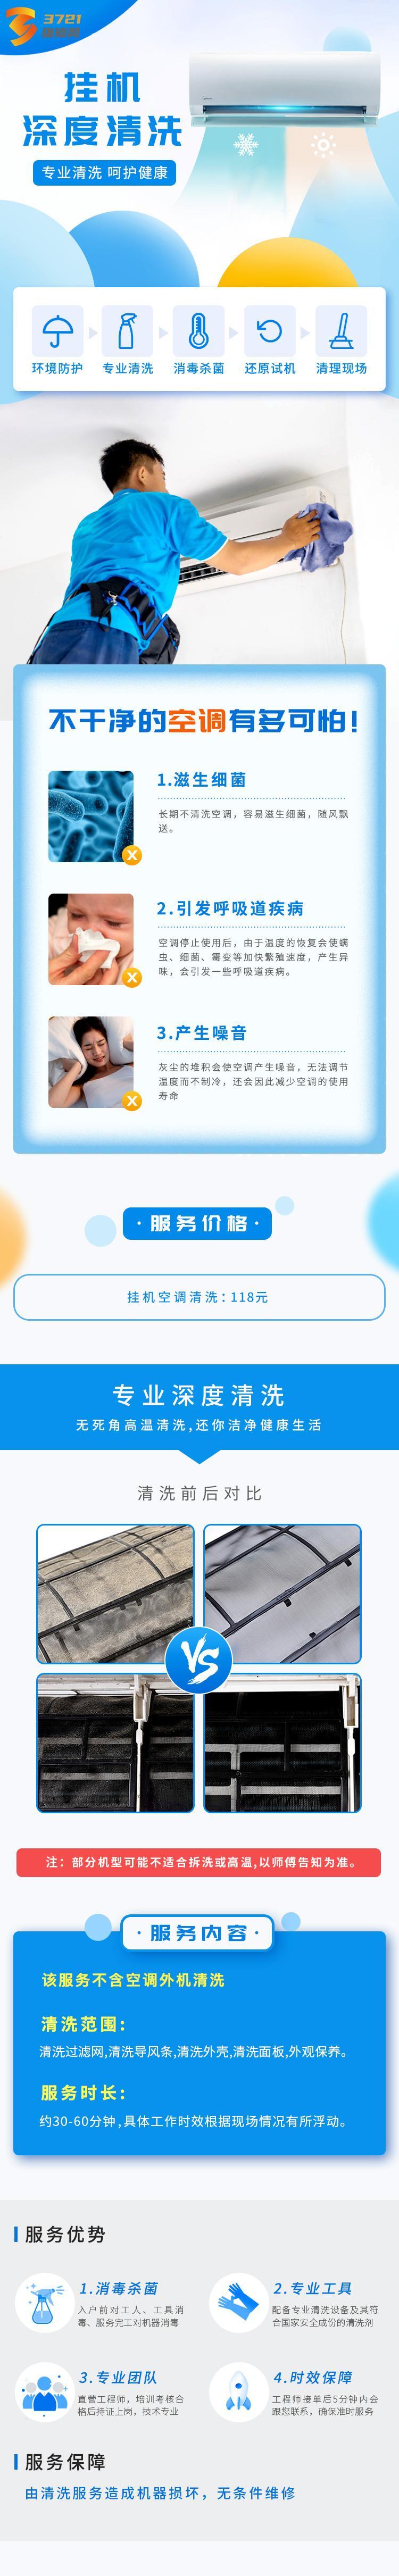 掛機-清洗升級詳情.jpg